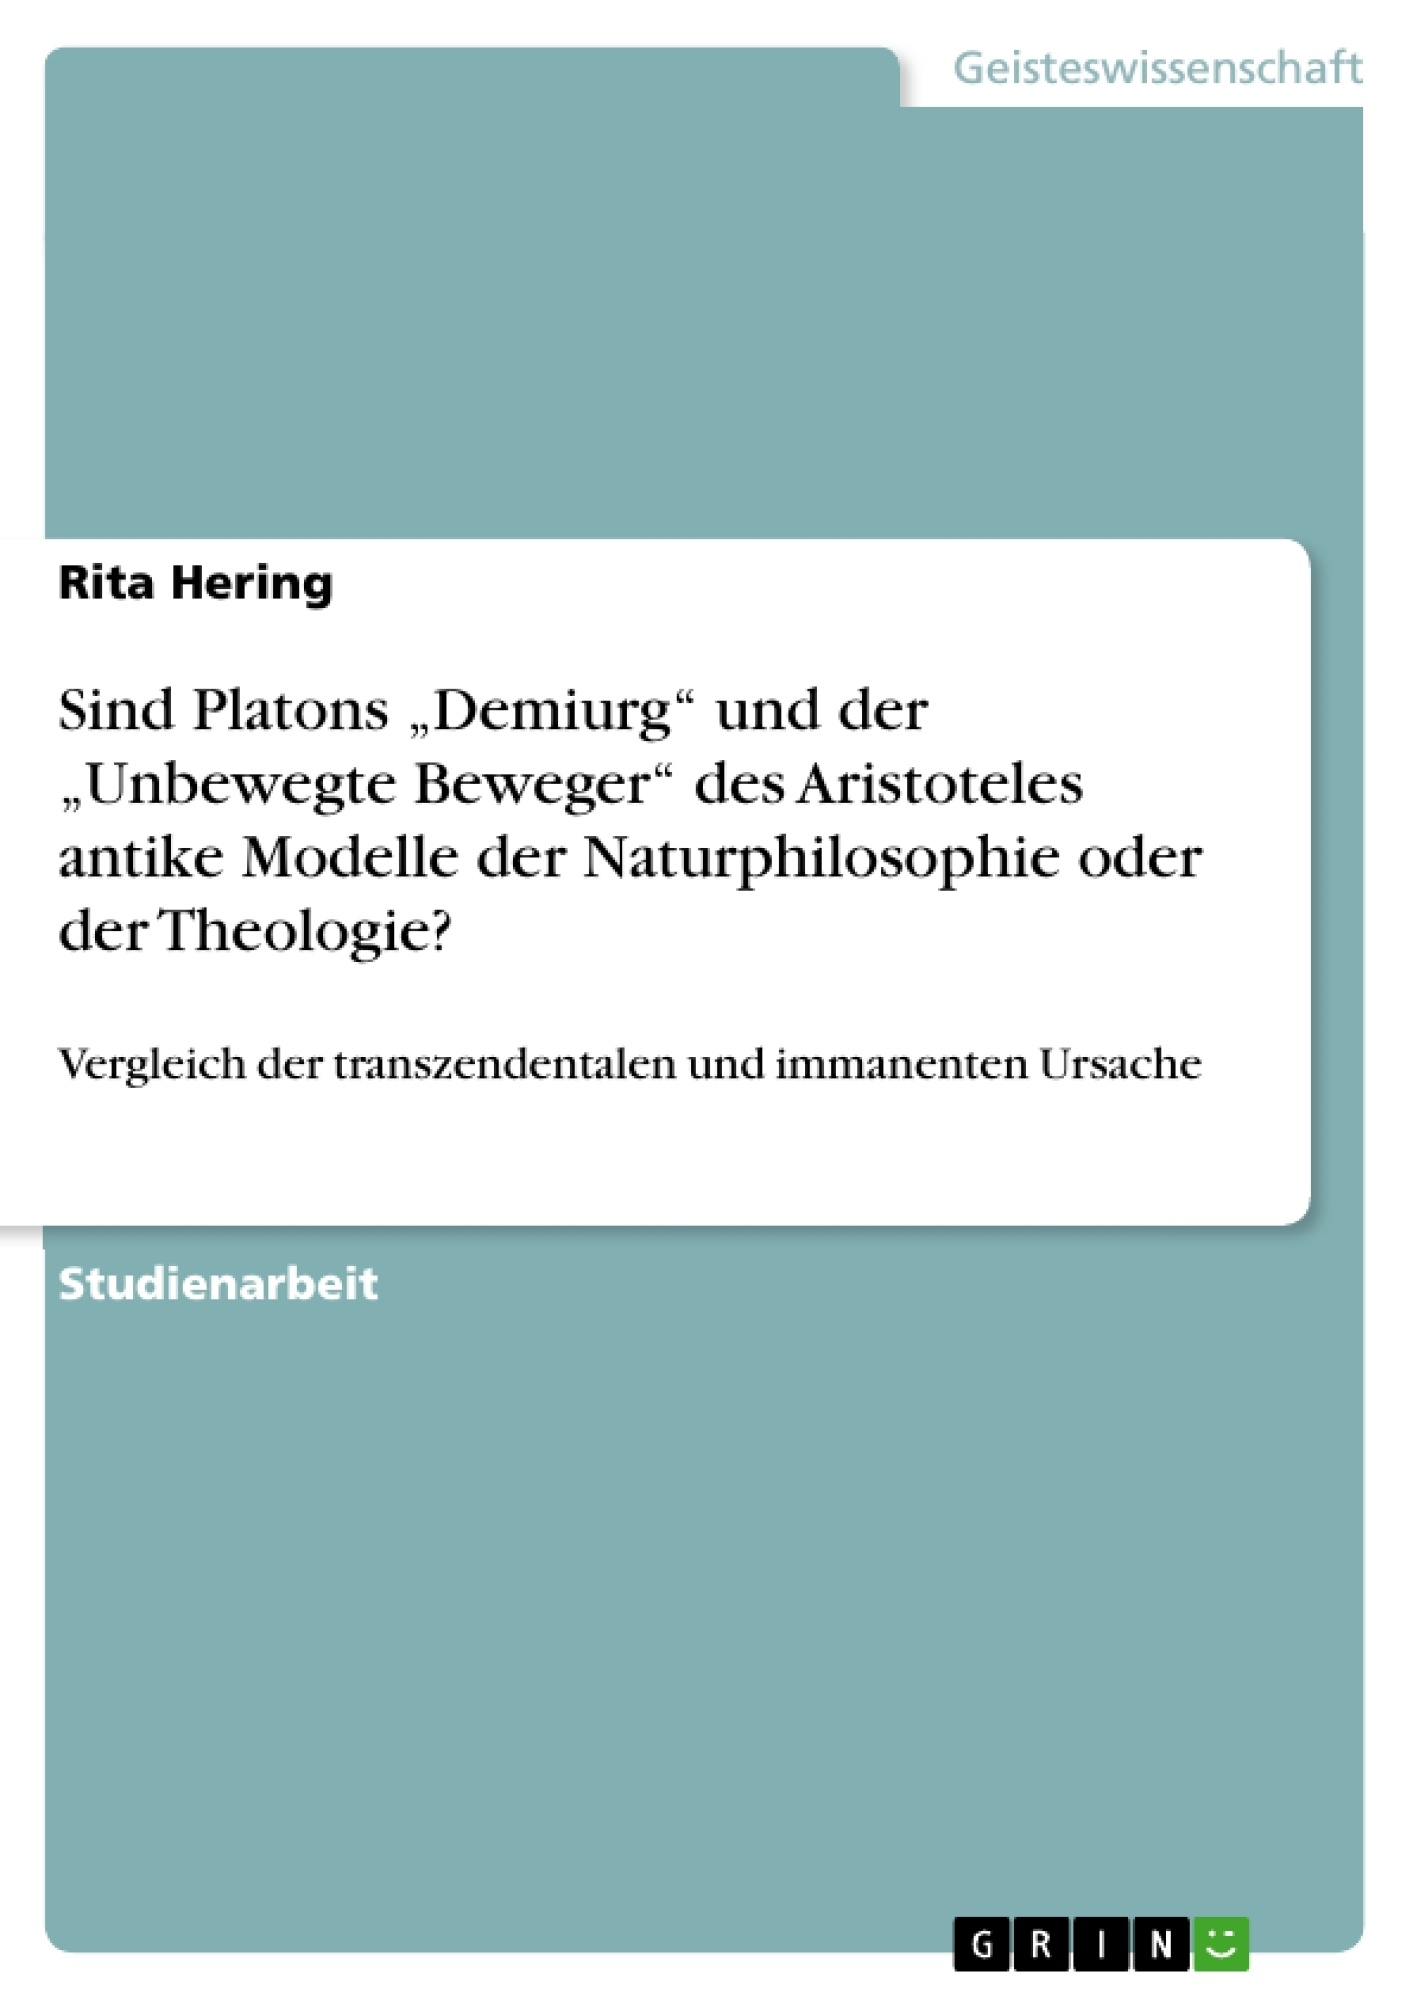 """Titel: Sind Platons """"Demiurg"""" und der """"Unbewegte Beweger"""" des Aristoteles antike Modelle der Naturphilosophie oder der Theologie?"""